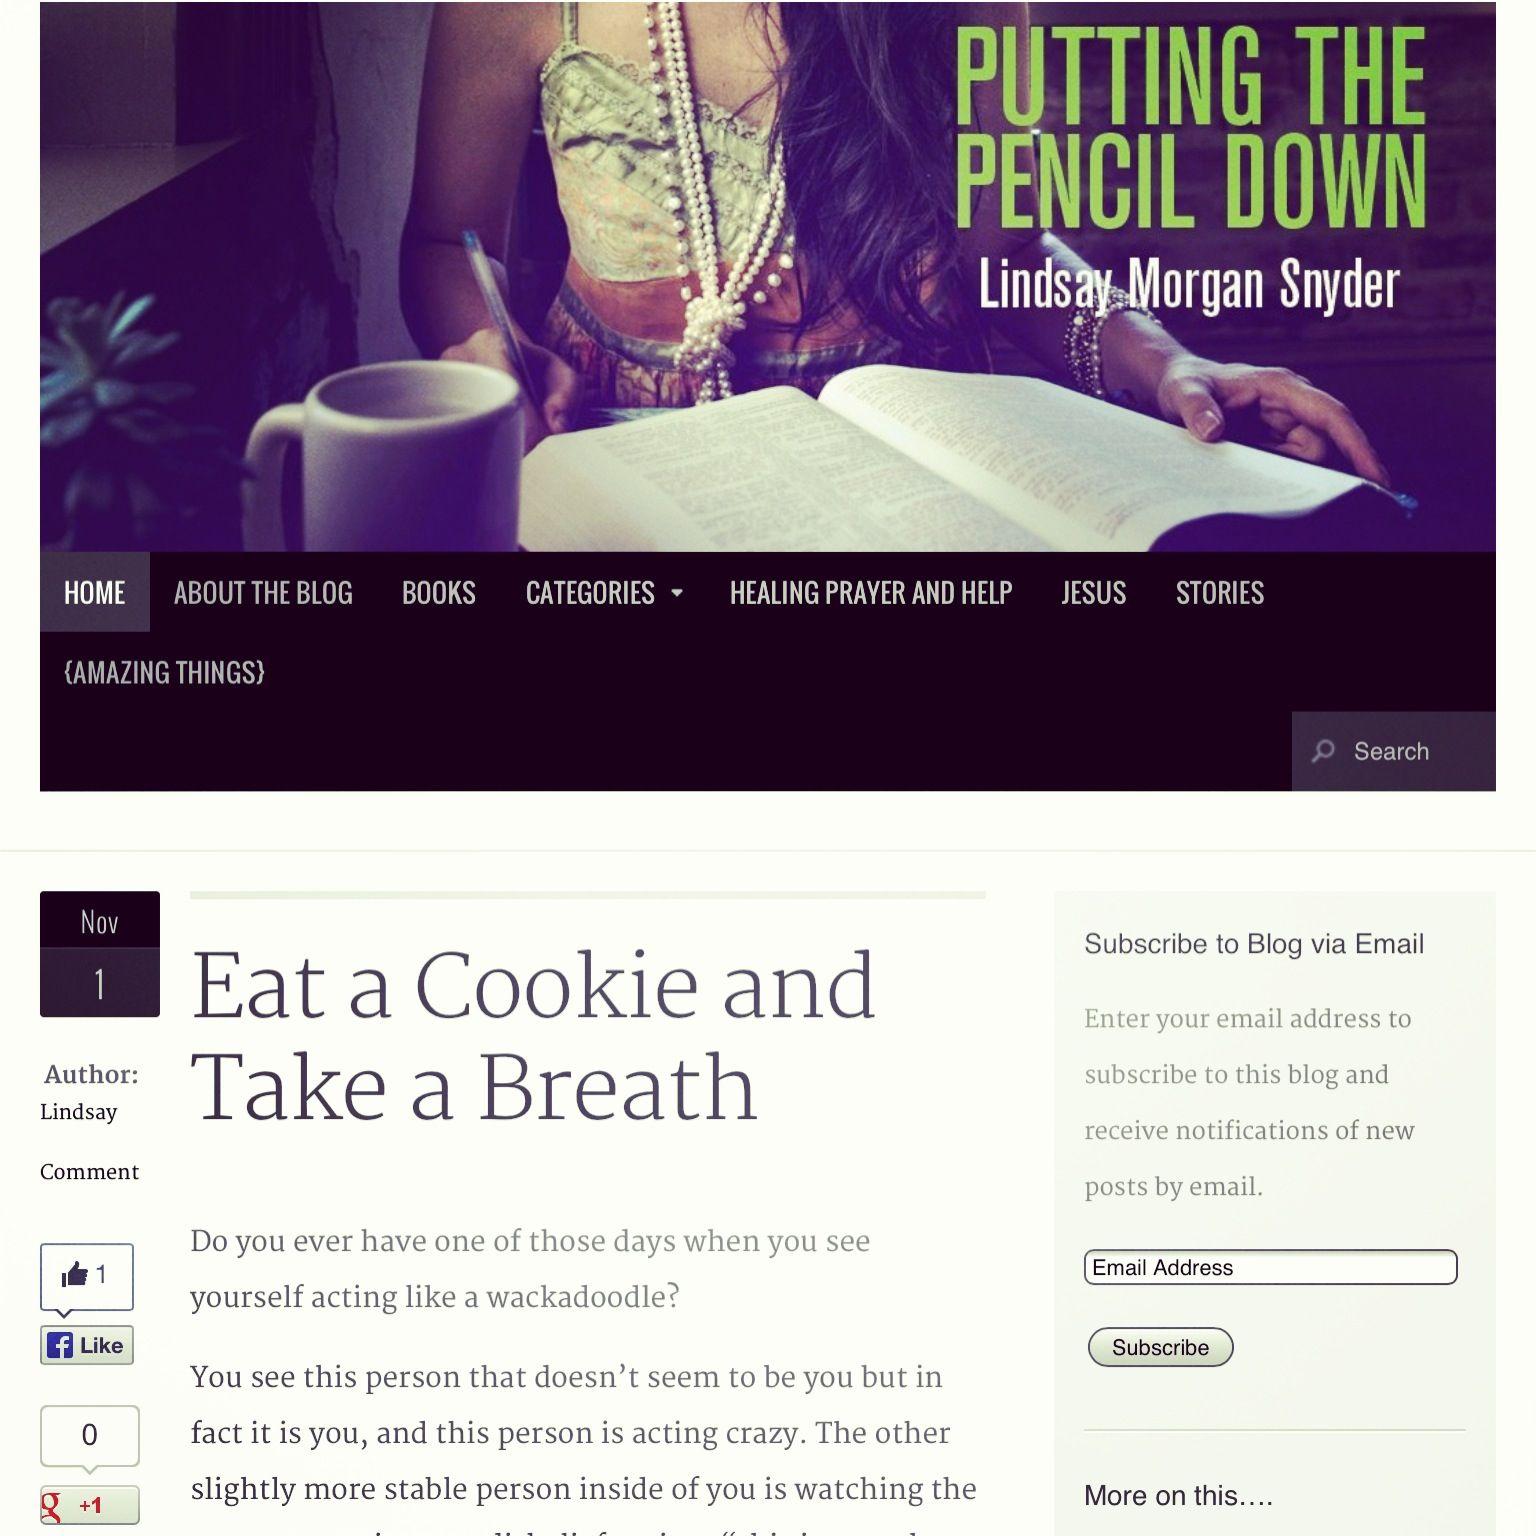 New Blog Post at Prayers